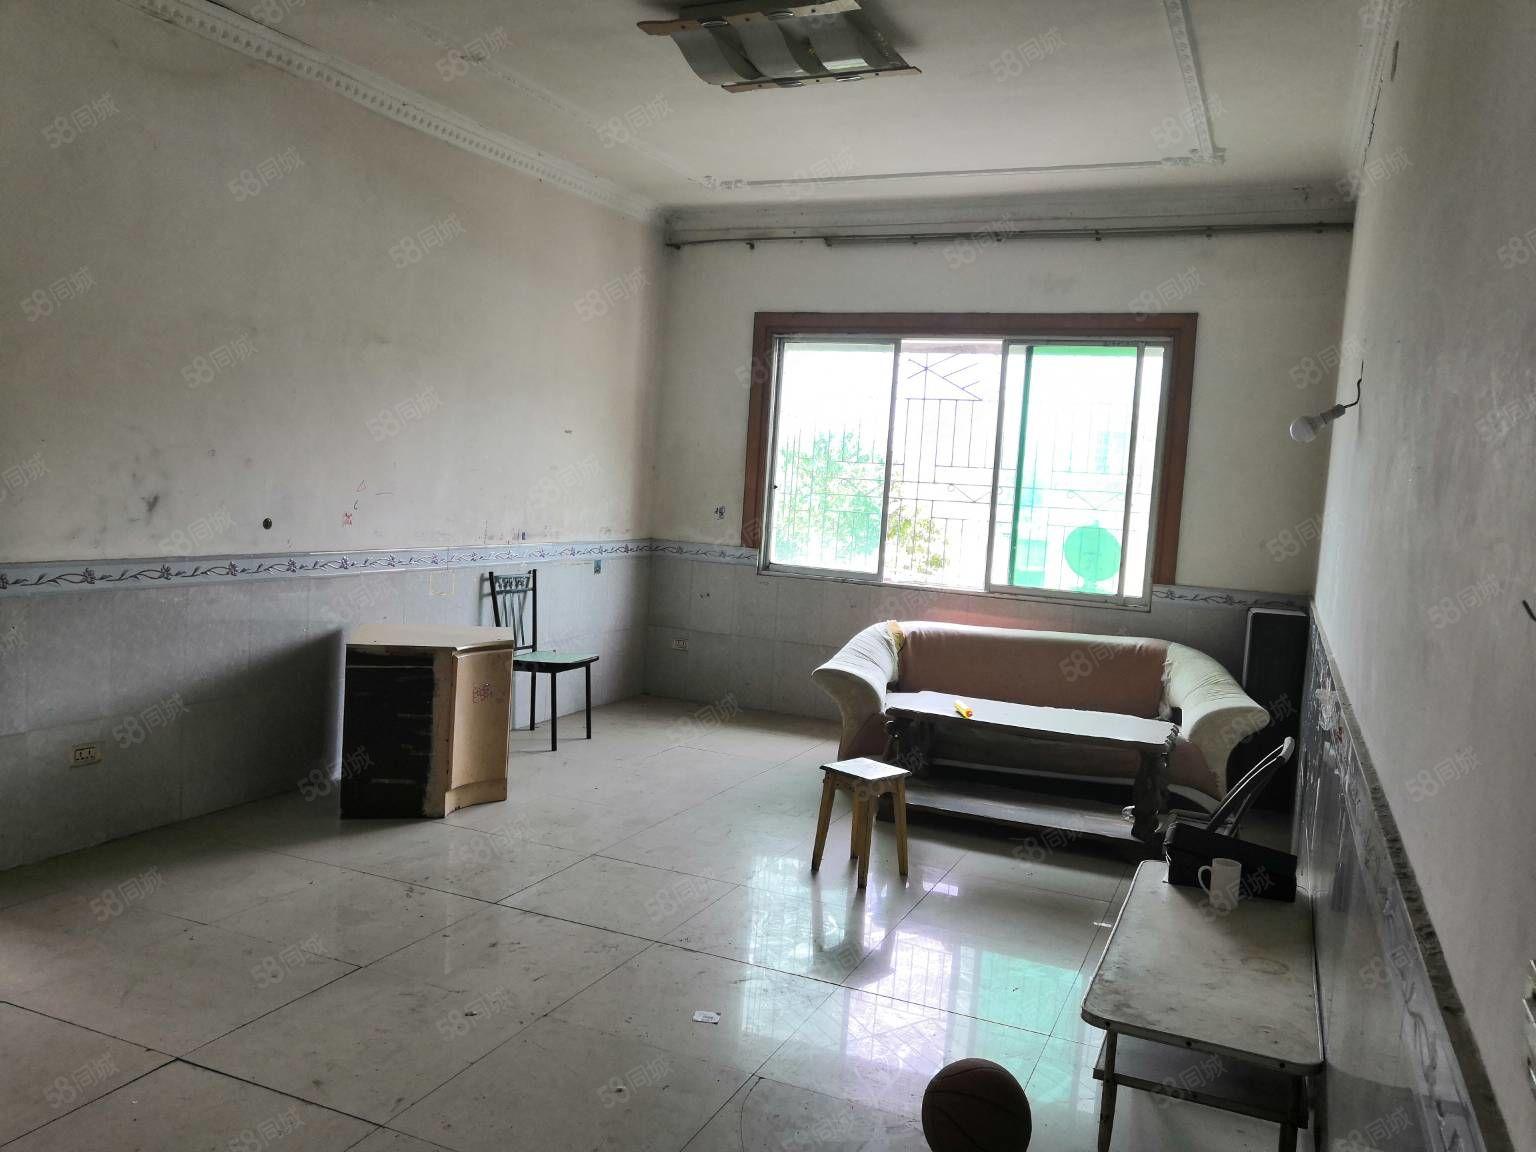 阳明幼儿园旁边,使用面积达到120平方,手续齐全,可以按揭,